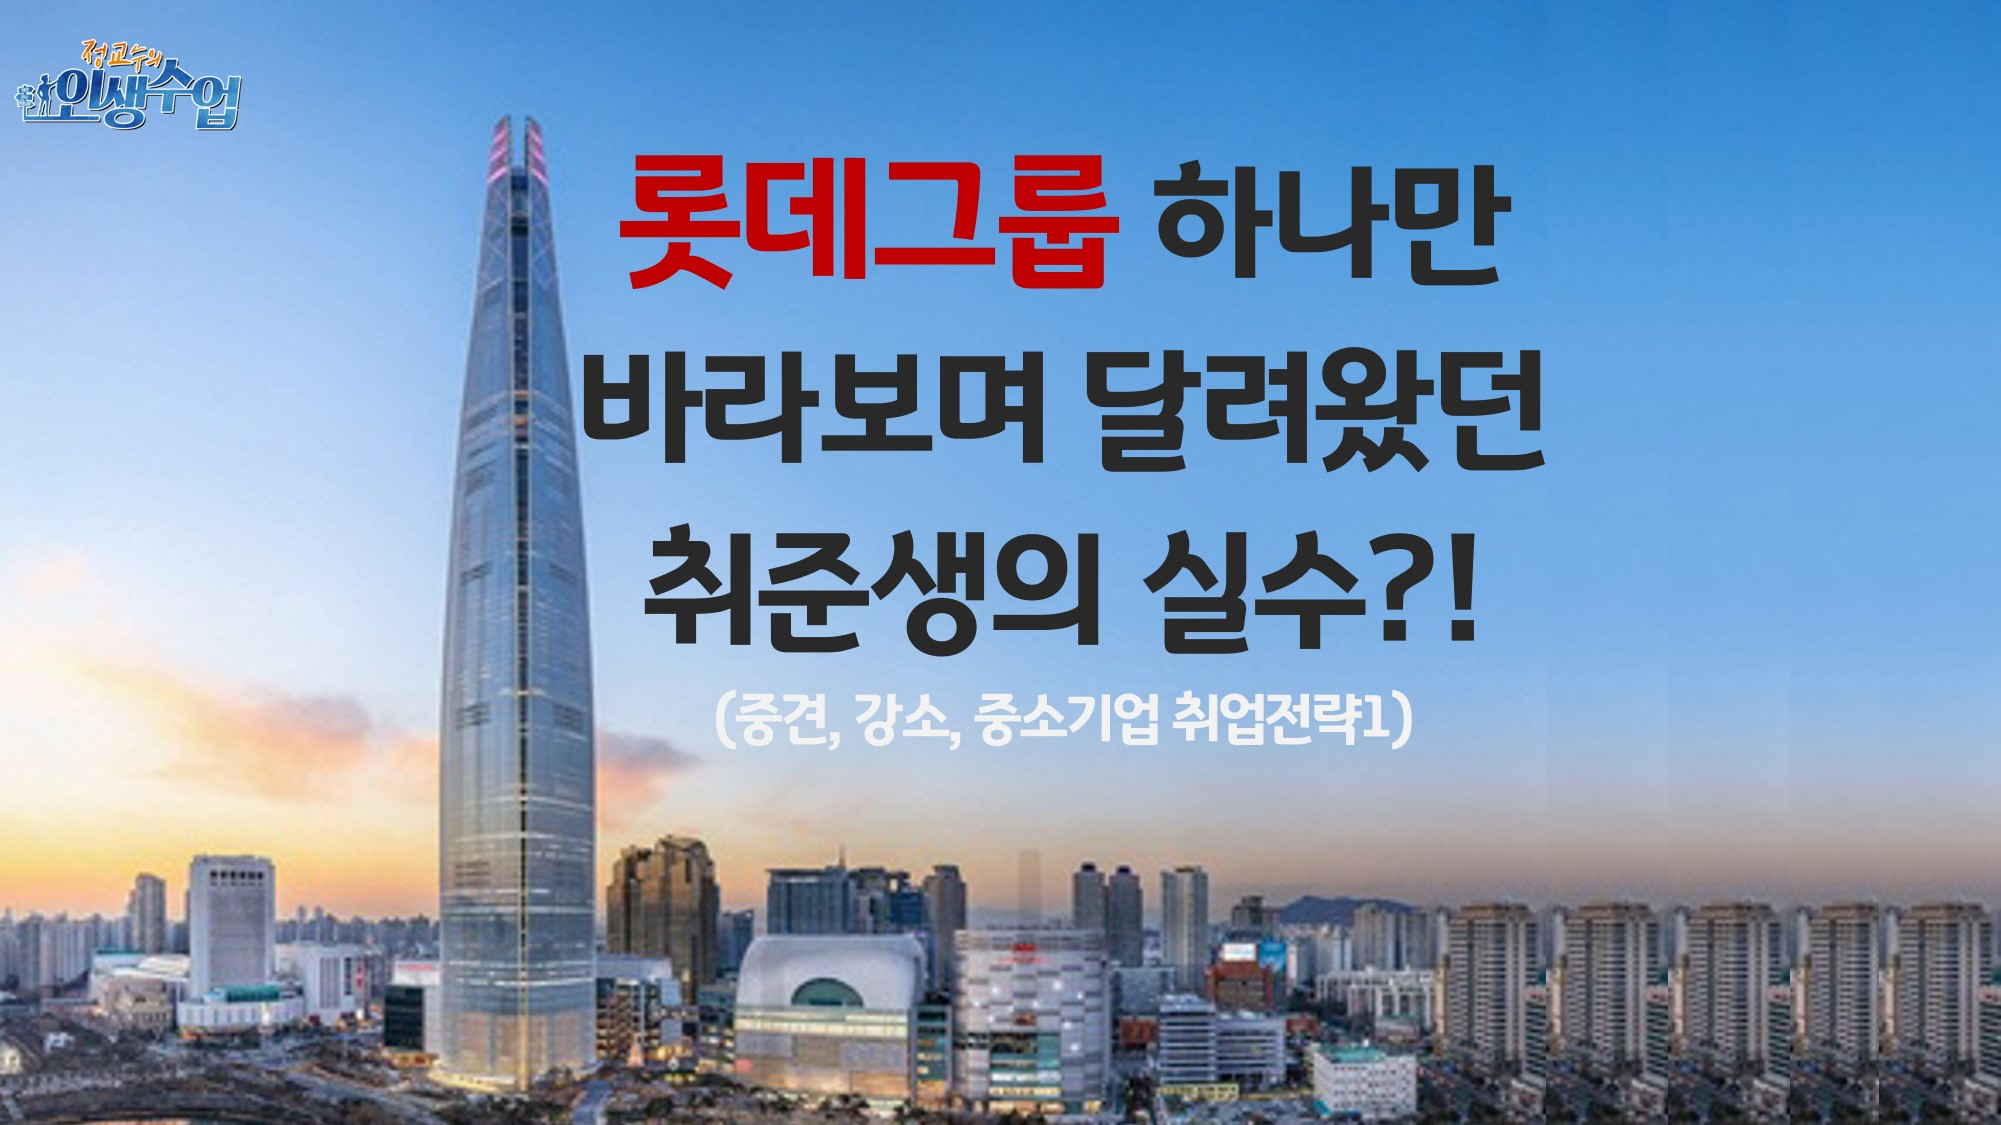 롯데그룹 하나만 바라보며 달려왔던 취준생의 실수?!